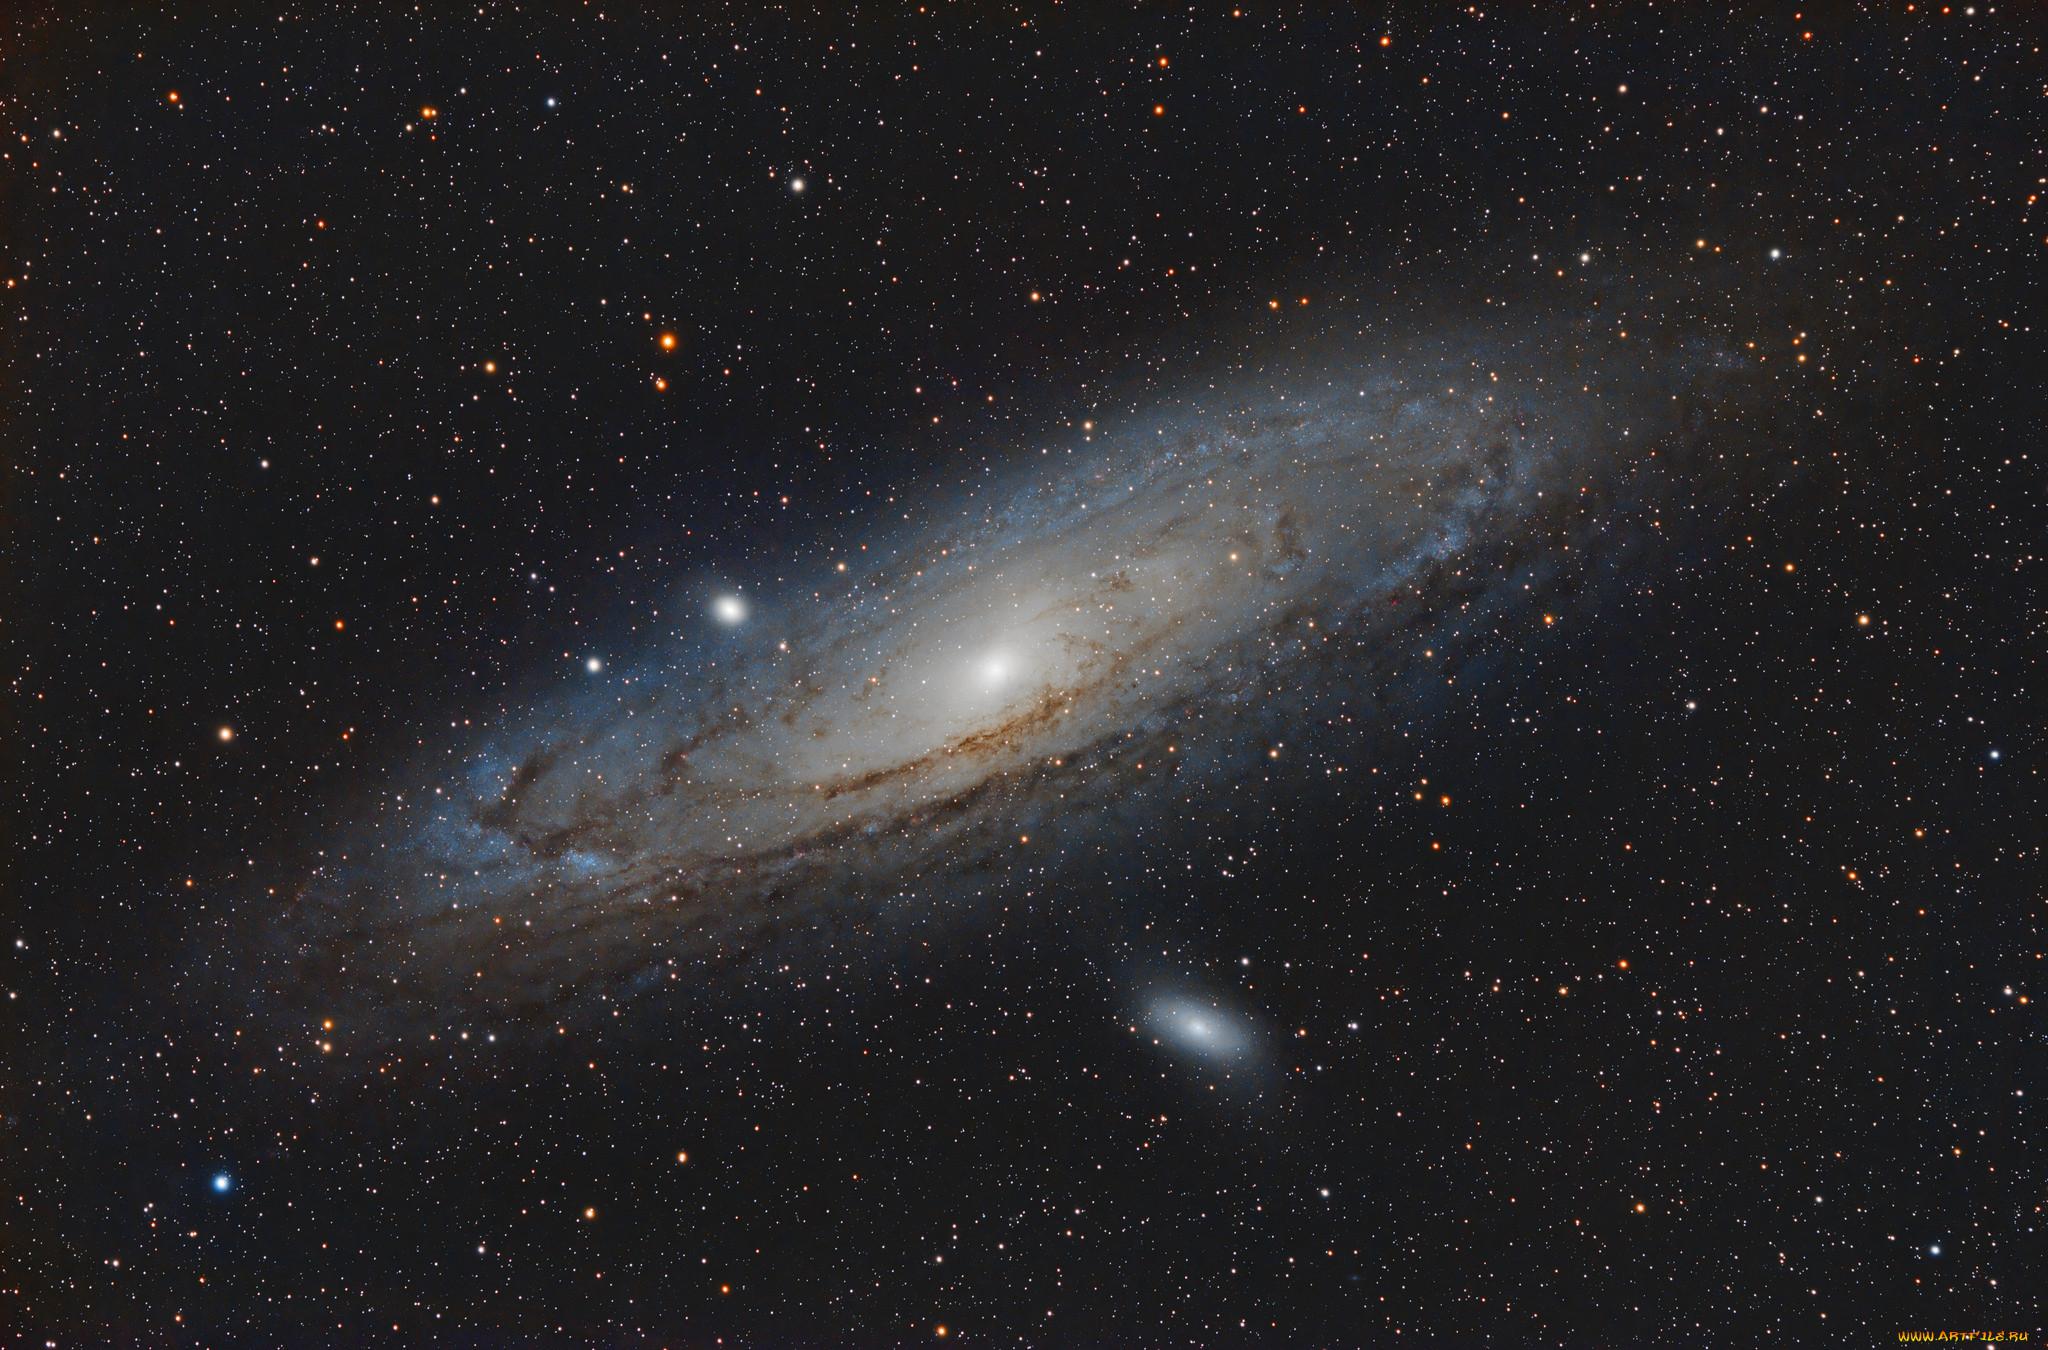 Галактики вселенной - сколько их, какие самые большие и красивые, дальние и близкие, структура и карта, скорость и типы: эллиптические и спиральные